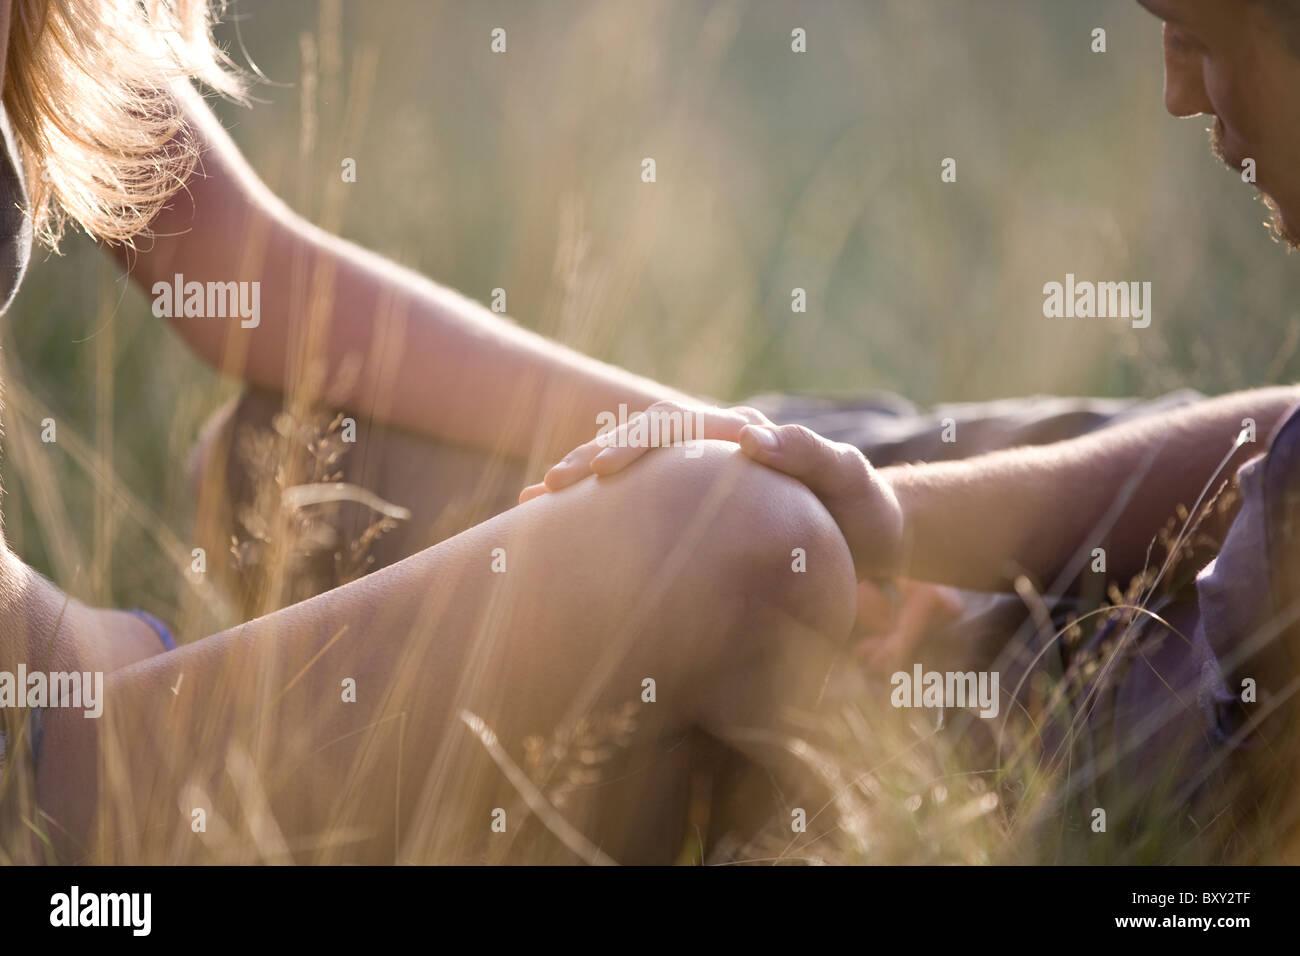 Détail d'un jeune couple à l'extérieur, mans main sur le genou de womans Banque D'Images